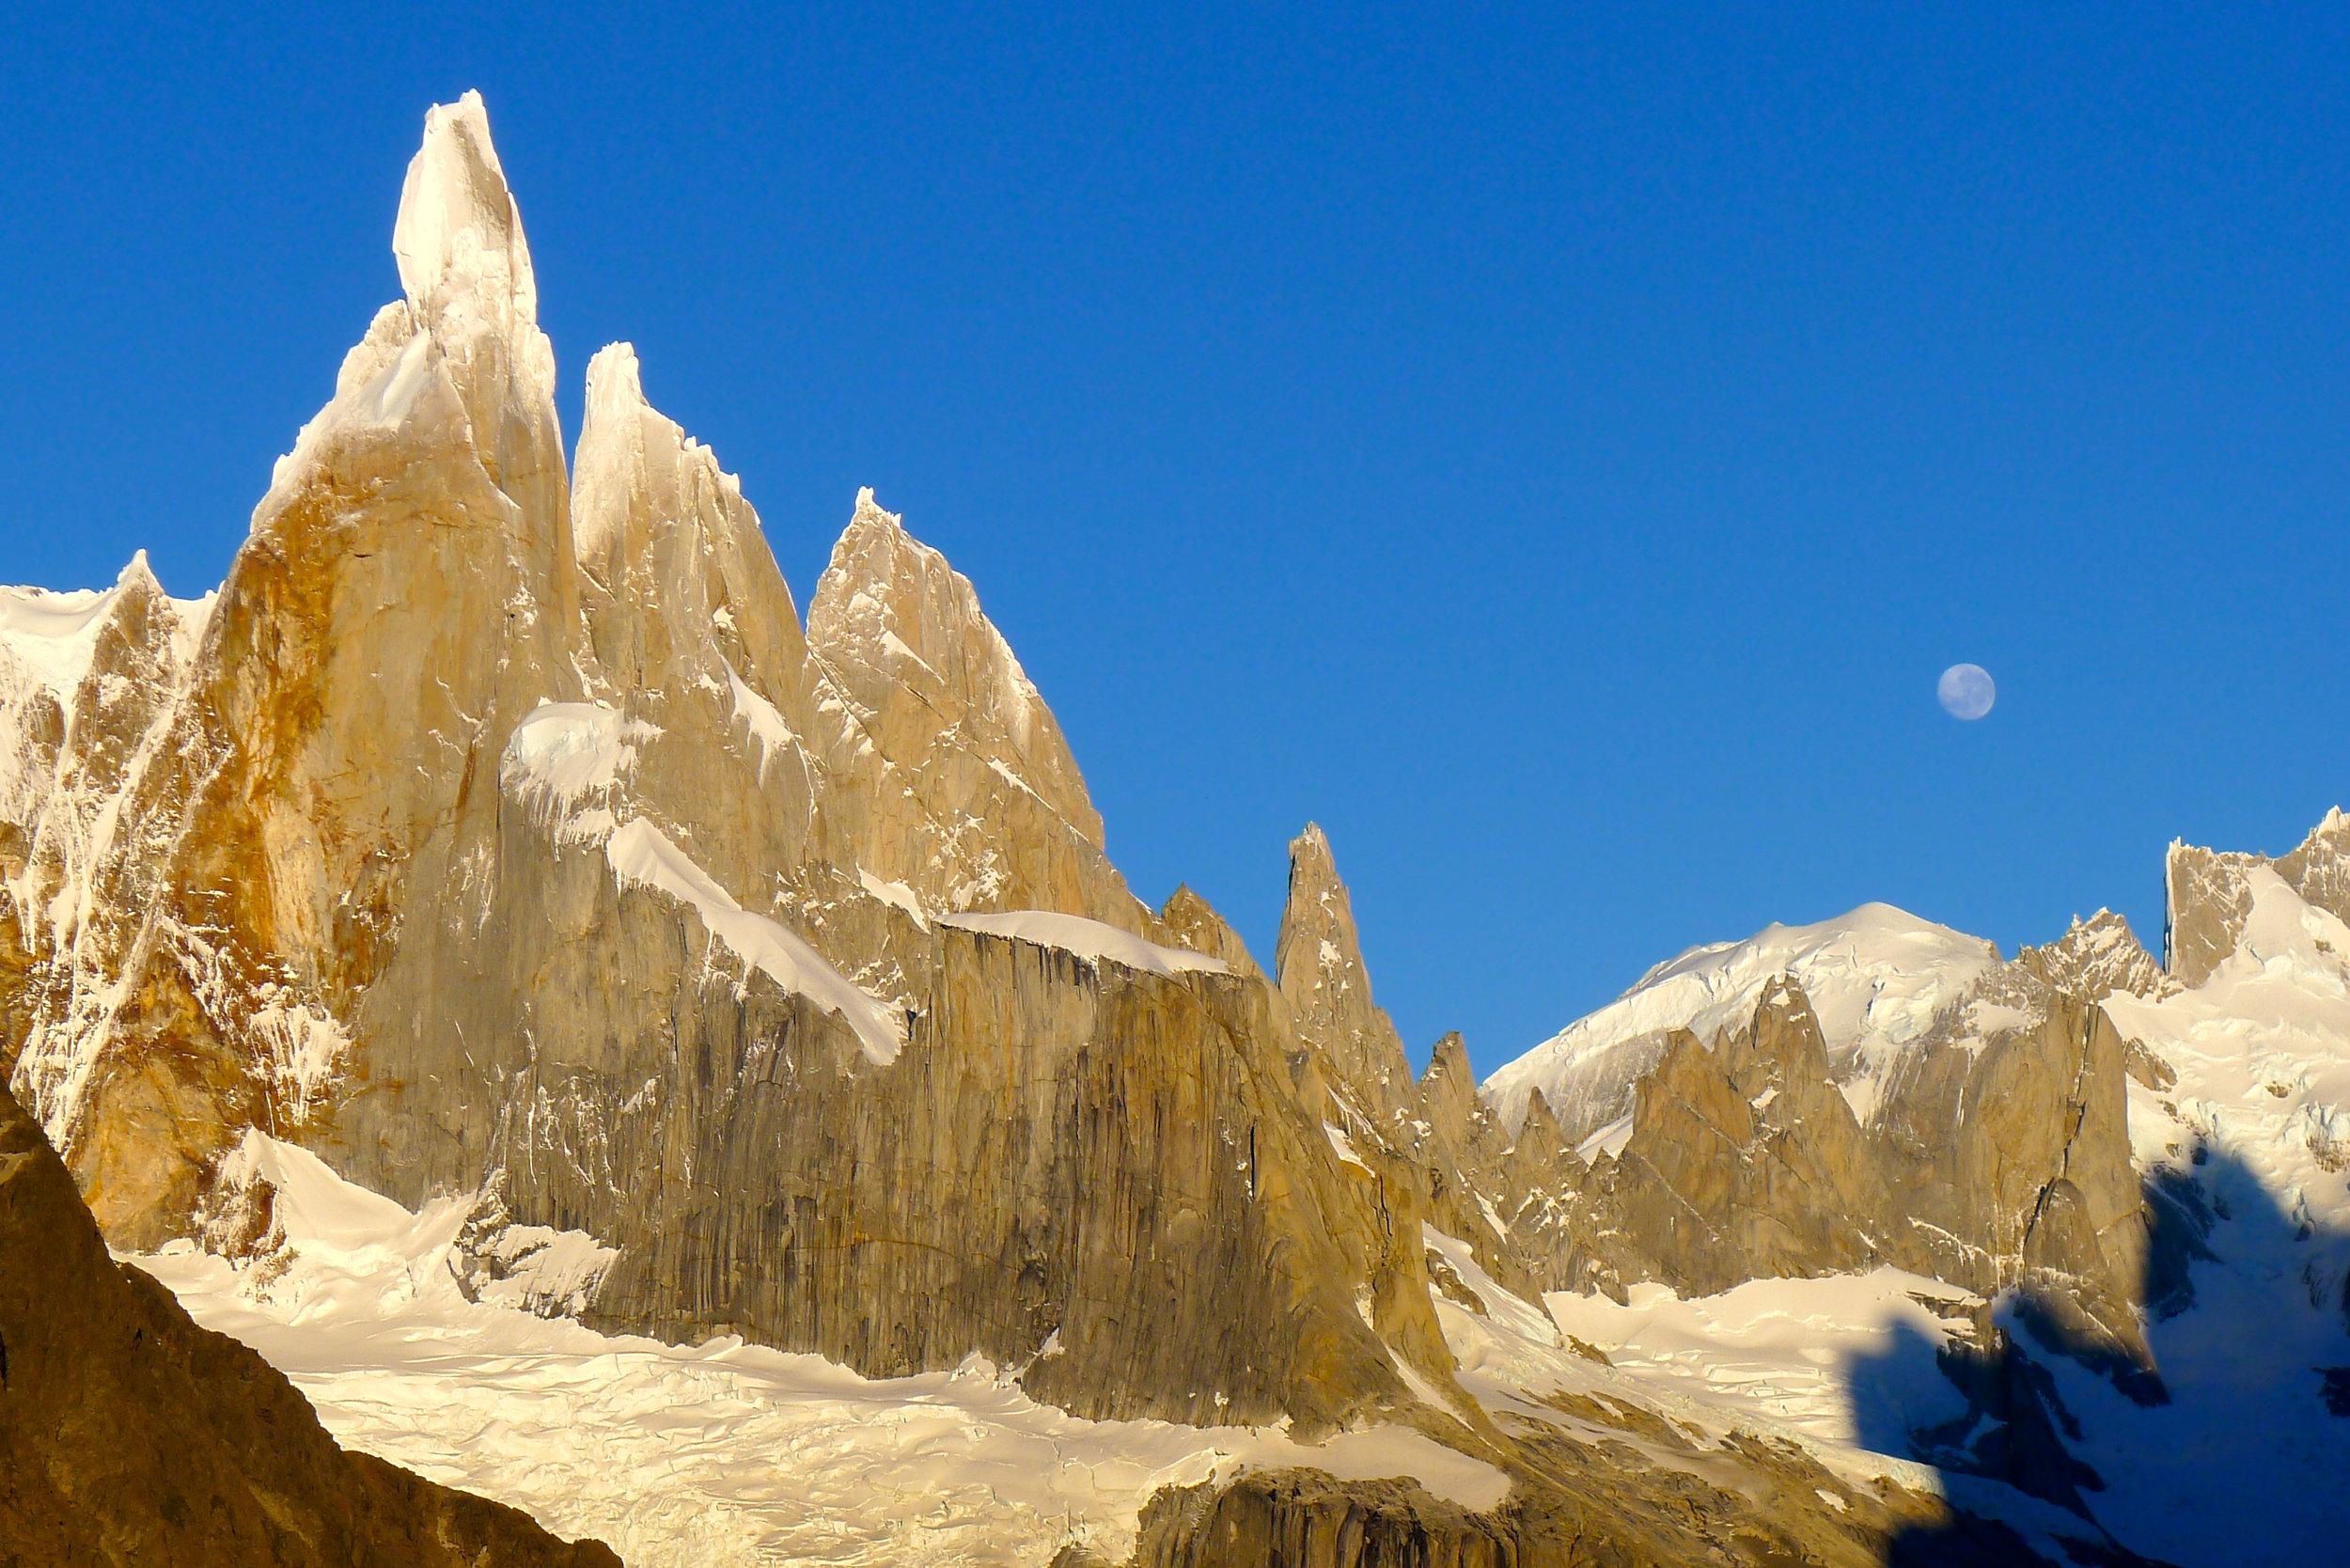 The Cerro Torre Spires of Patagonia